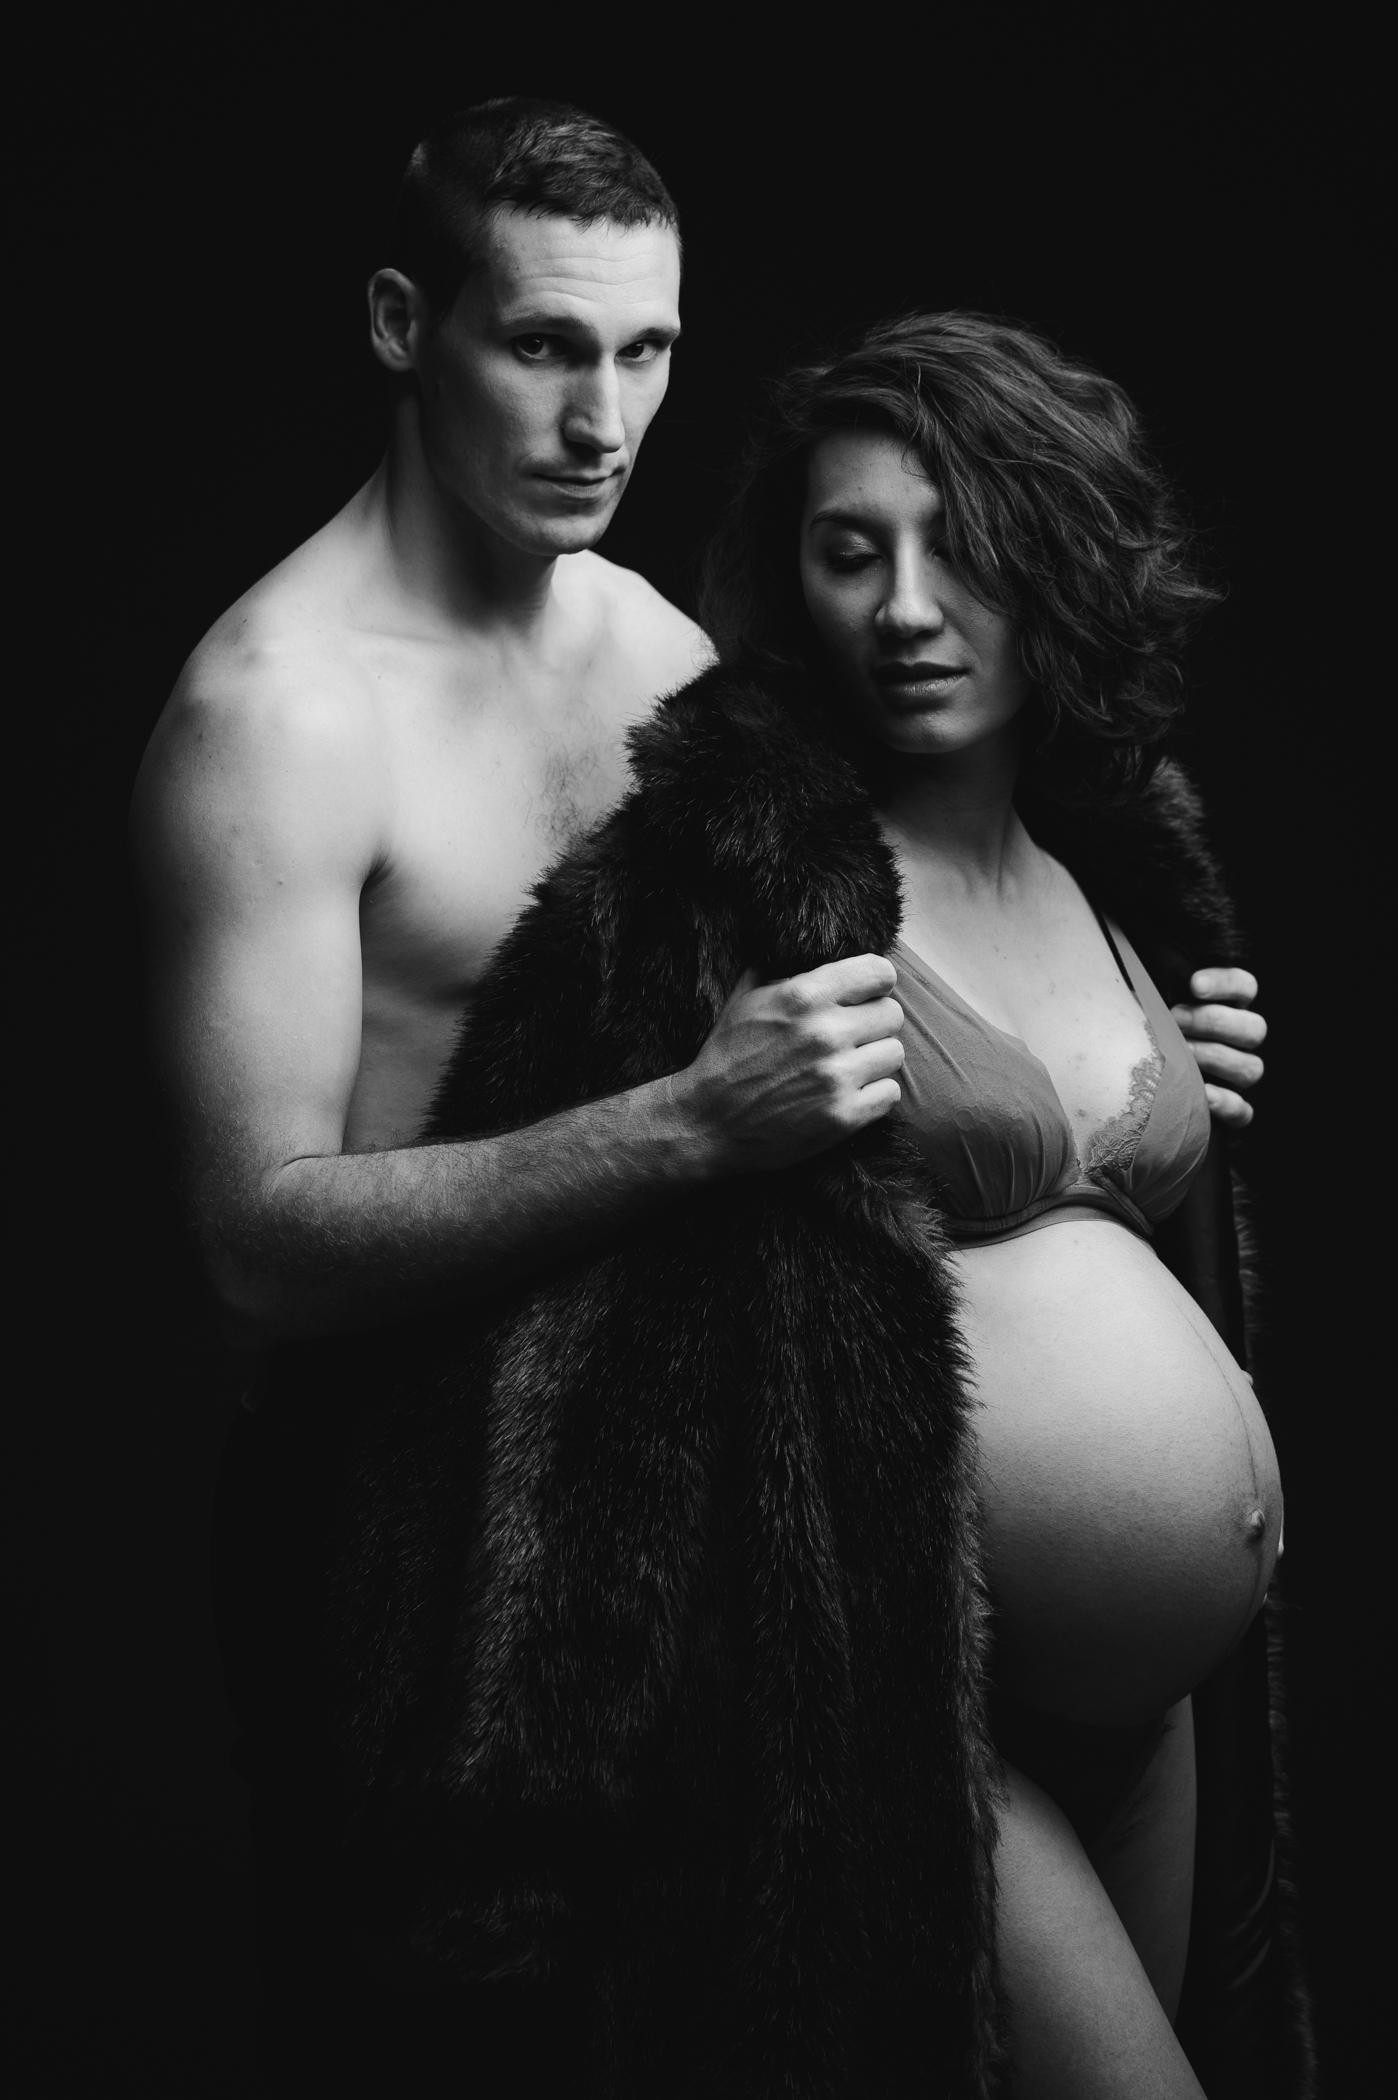 noir et blanc, photo de grossesse, couple, amoureux, enfant à venir, ventre, enceinte, femme enceinte, photo de femme enceinte, couple, clair obscur, fond noir, photographe grossesse toulouse